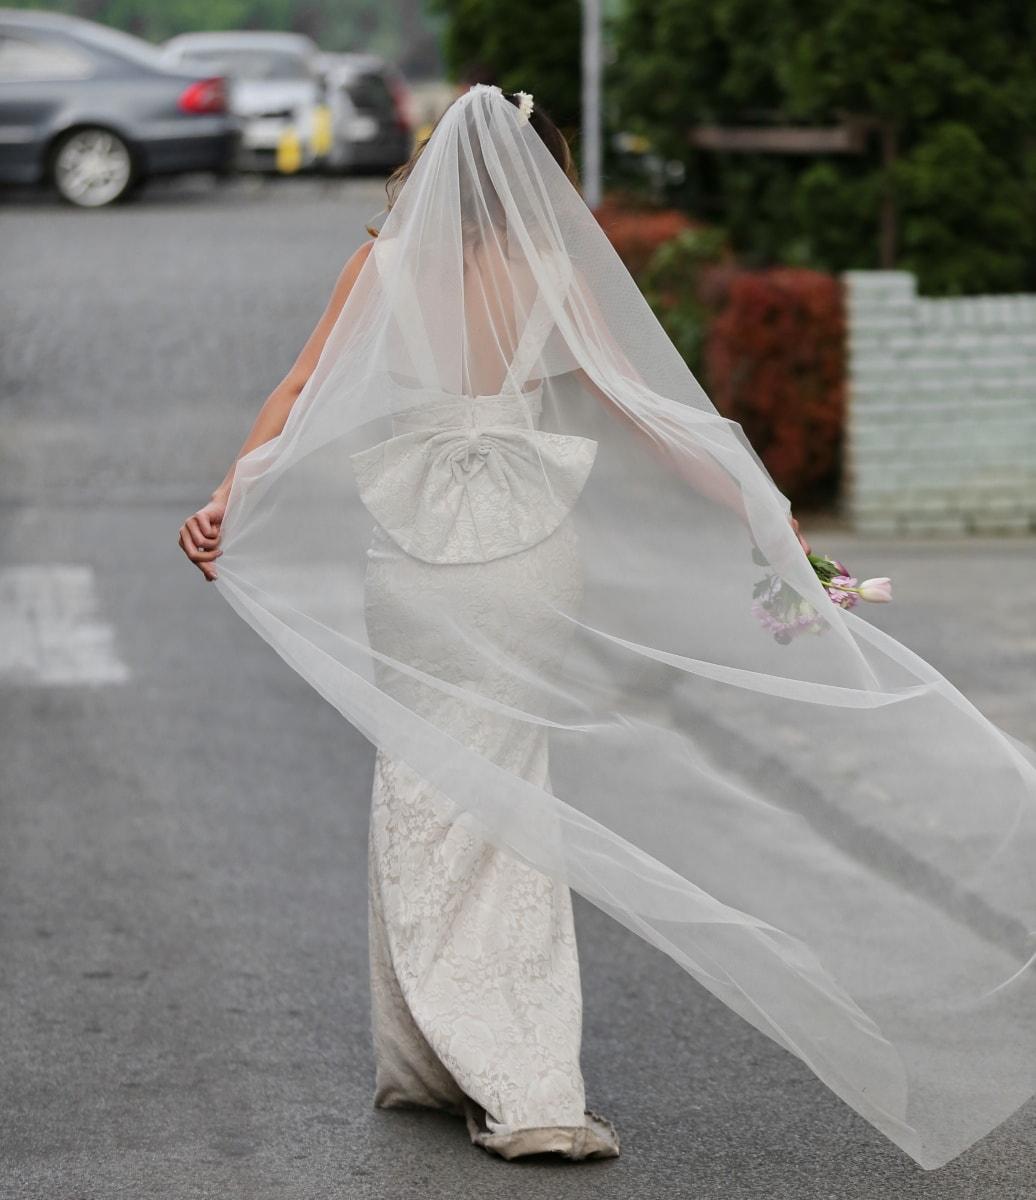 bride, veil, happiness, wedding, wedding dress, parking lot, enjoyment, dress, wedding bouquet, woman